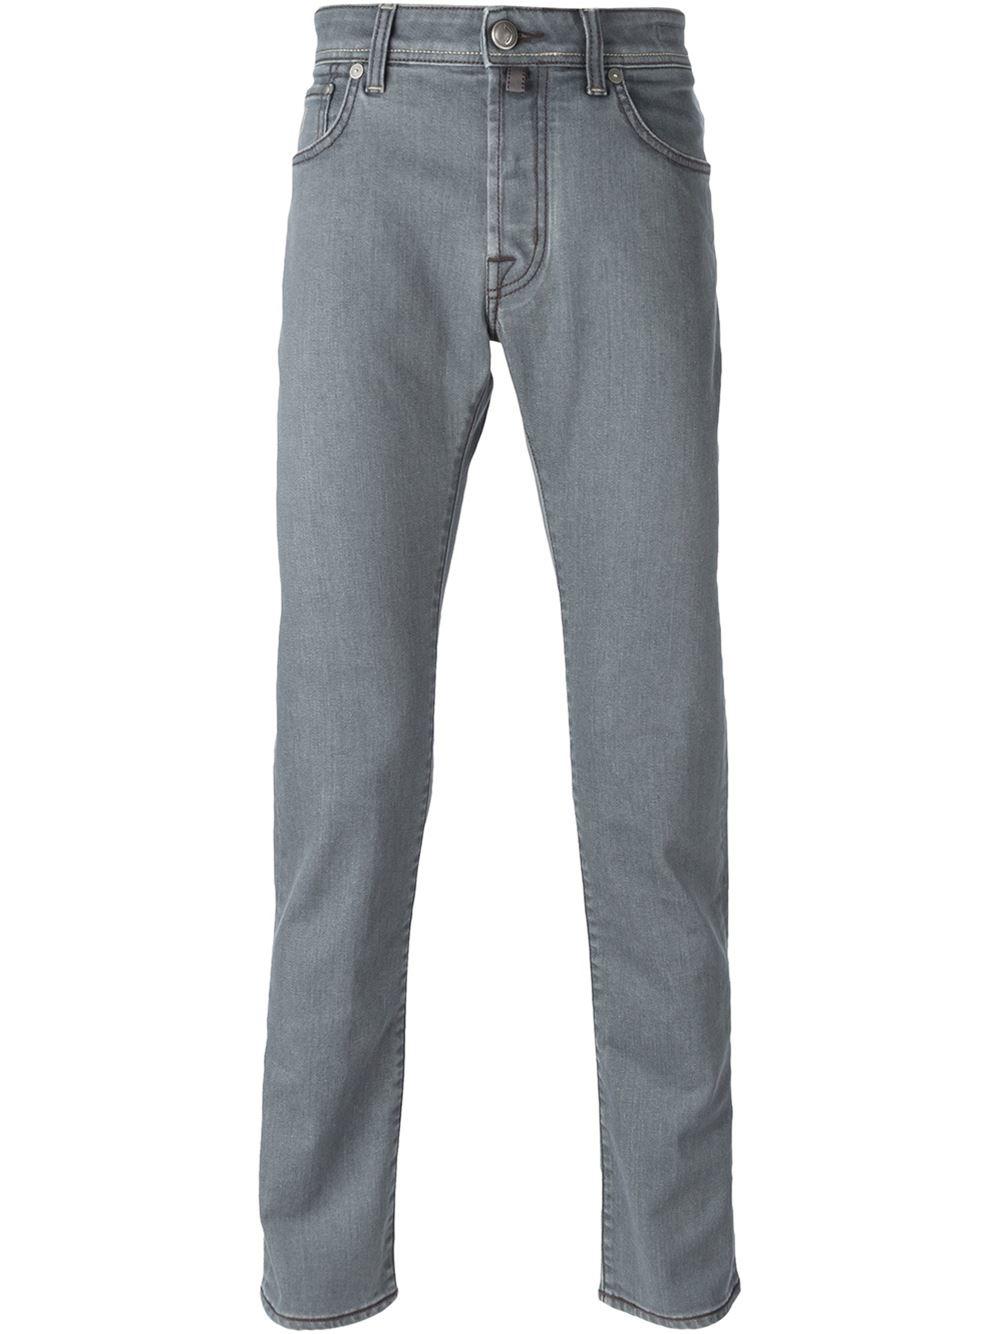 jacob cohen gray slim fit jeans for men lyst. Black Bedroom Furniture Sets. Home Design Ideas